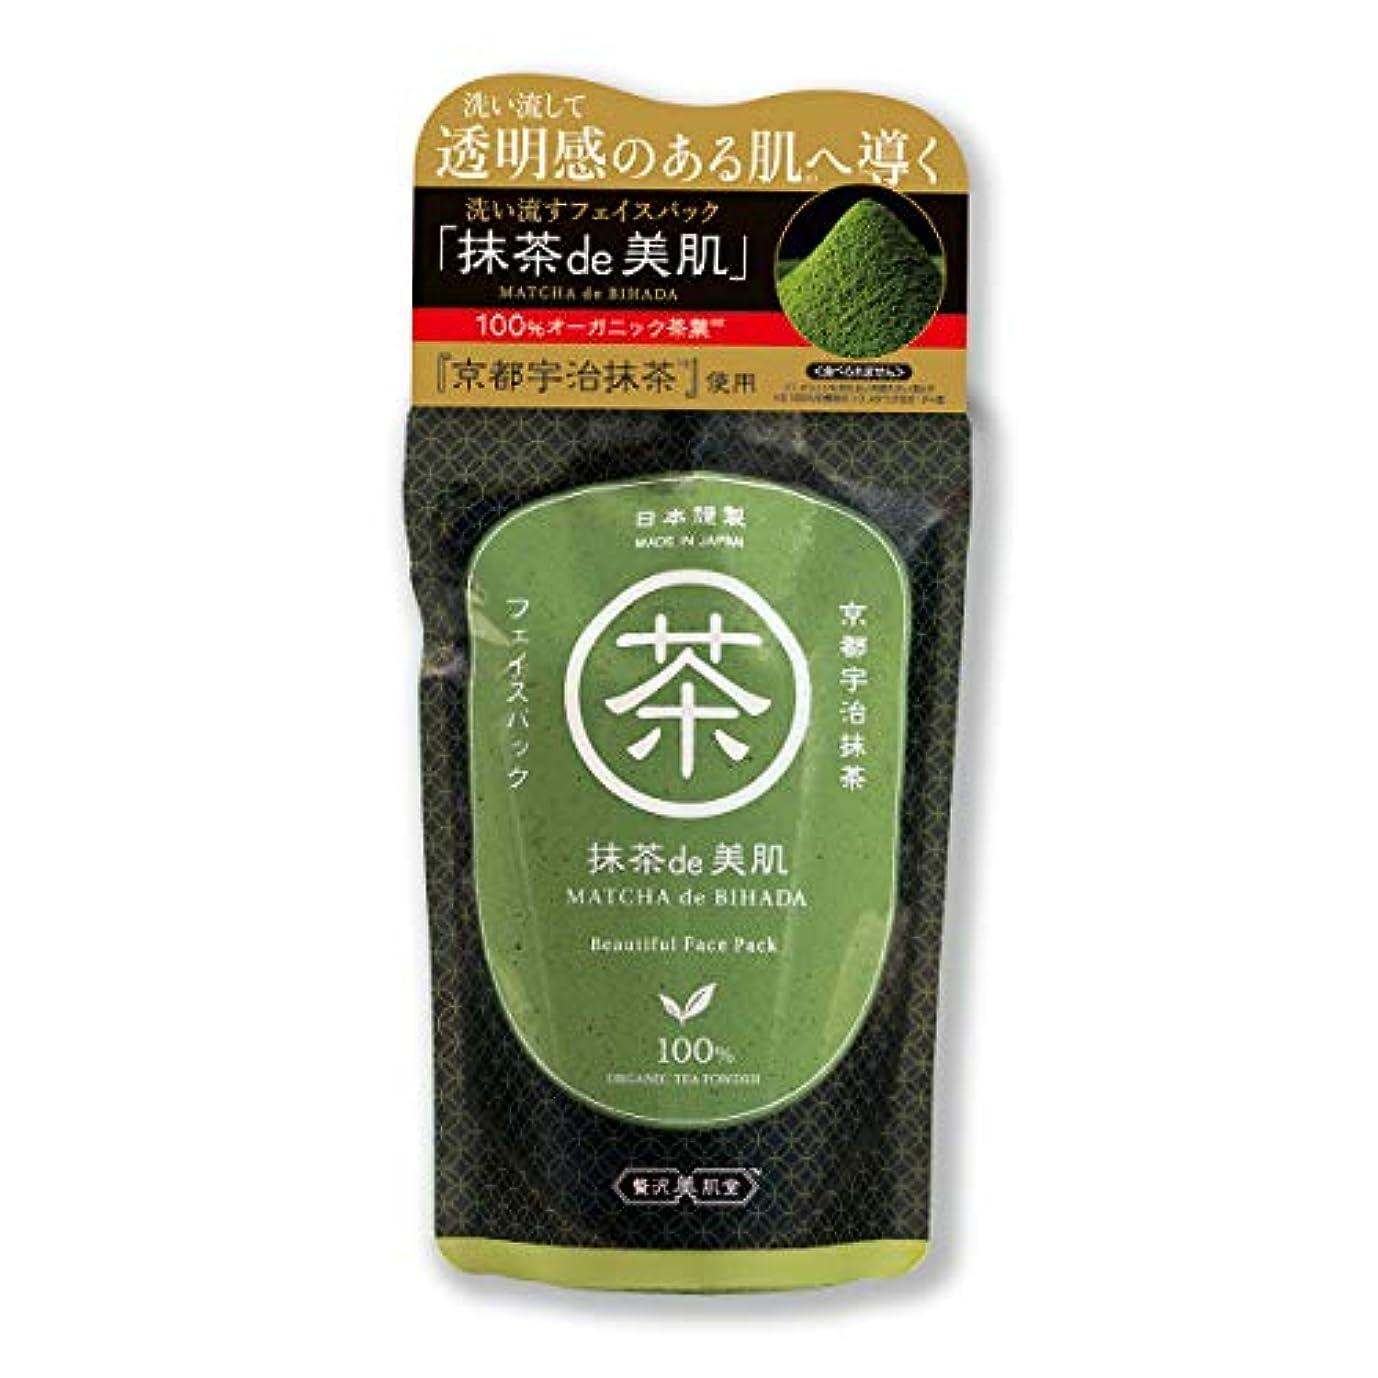 贅沢美肌堂 抹茶de美肌 抹茶ミルクの香り 170g